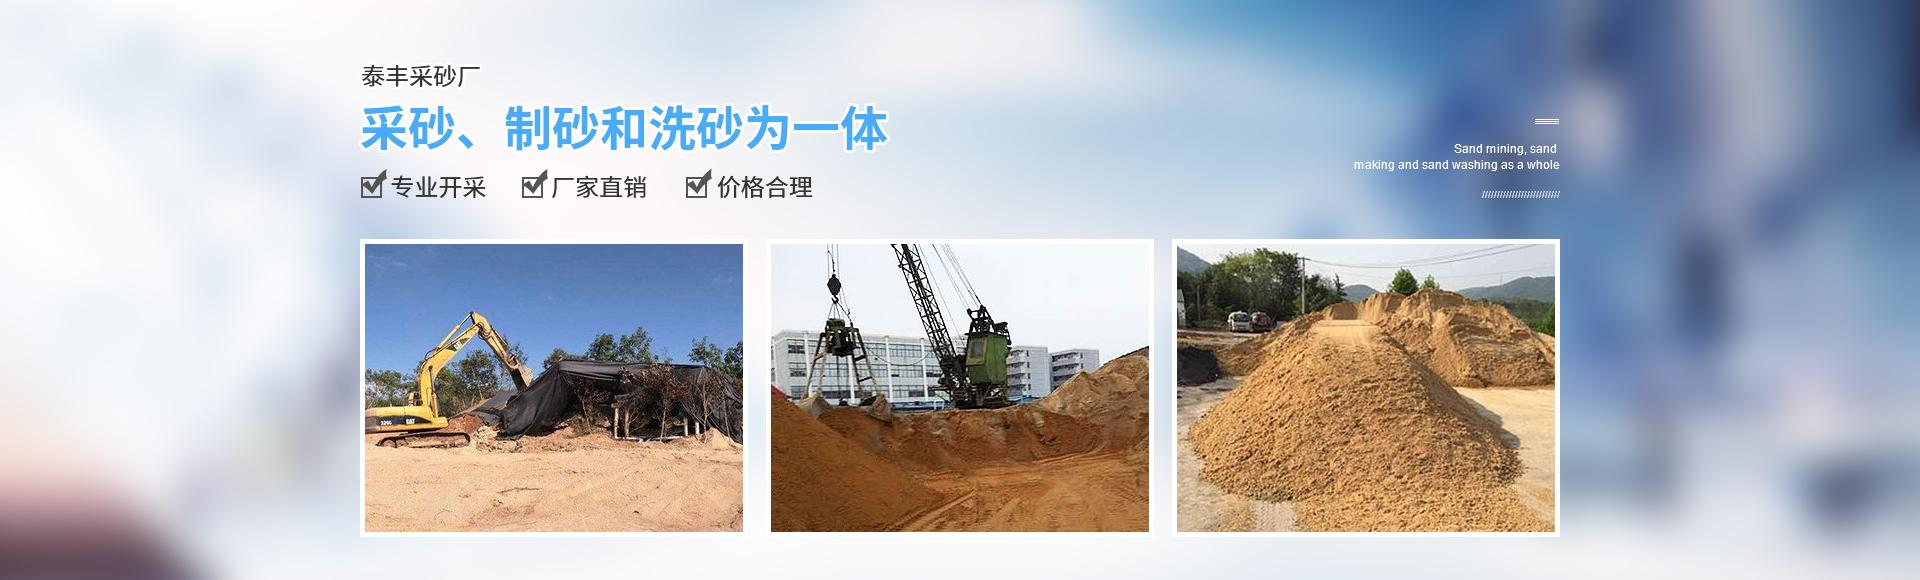 重庆洗砂厂